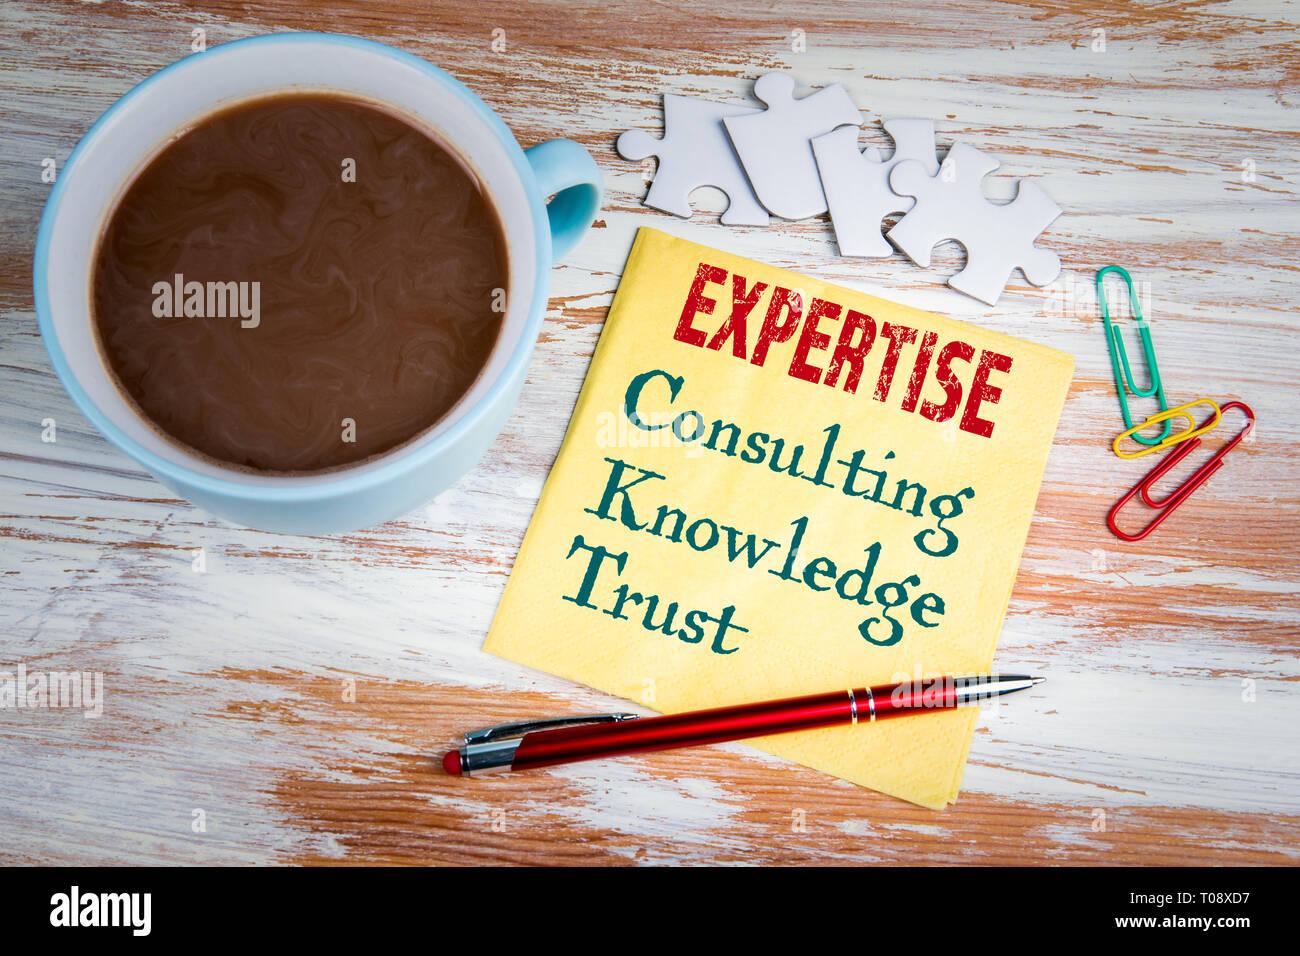 Concept d'expertise. Texte sur une serviette de table Photo Stock